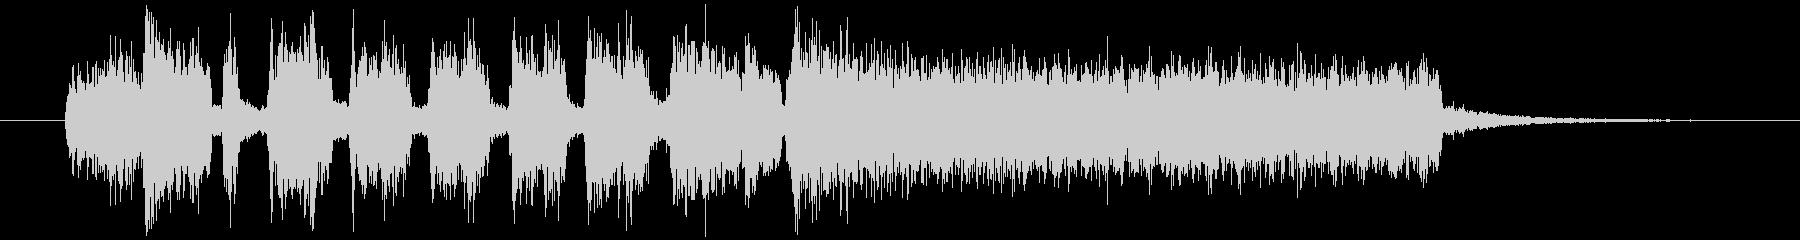 オルガンのシンプルでポップなジングルの未再生の波形